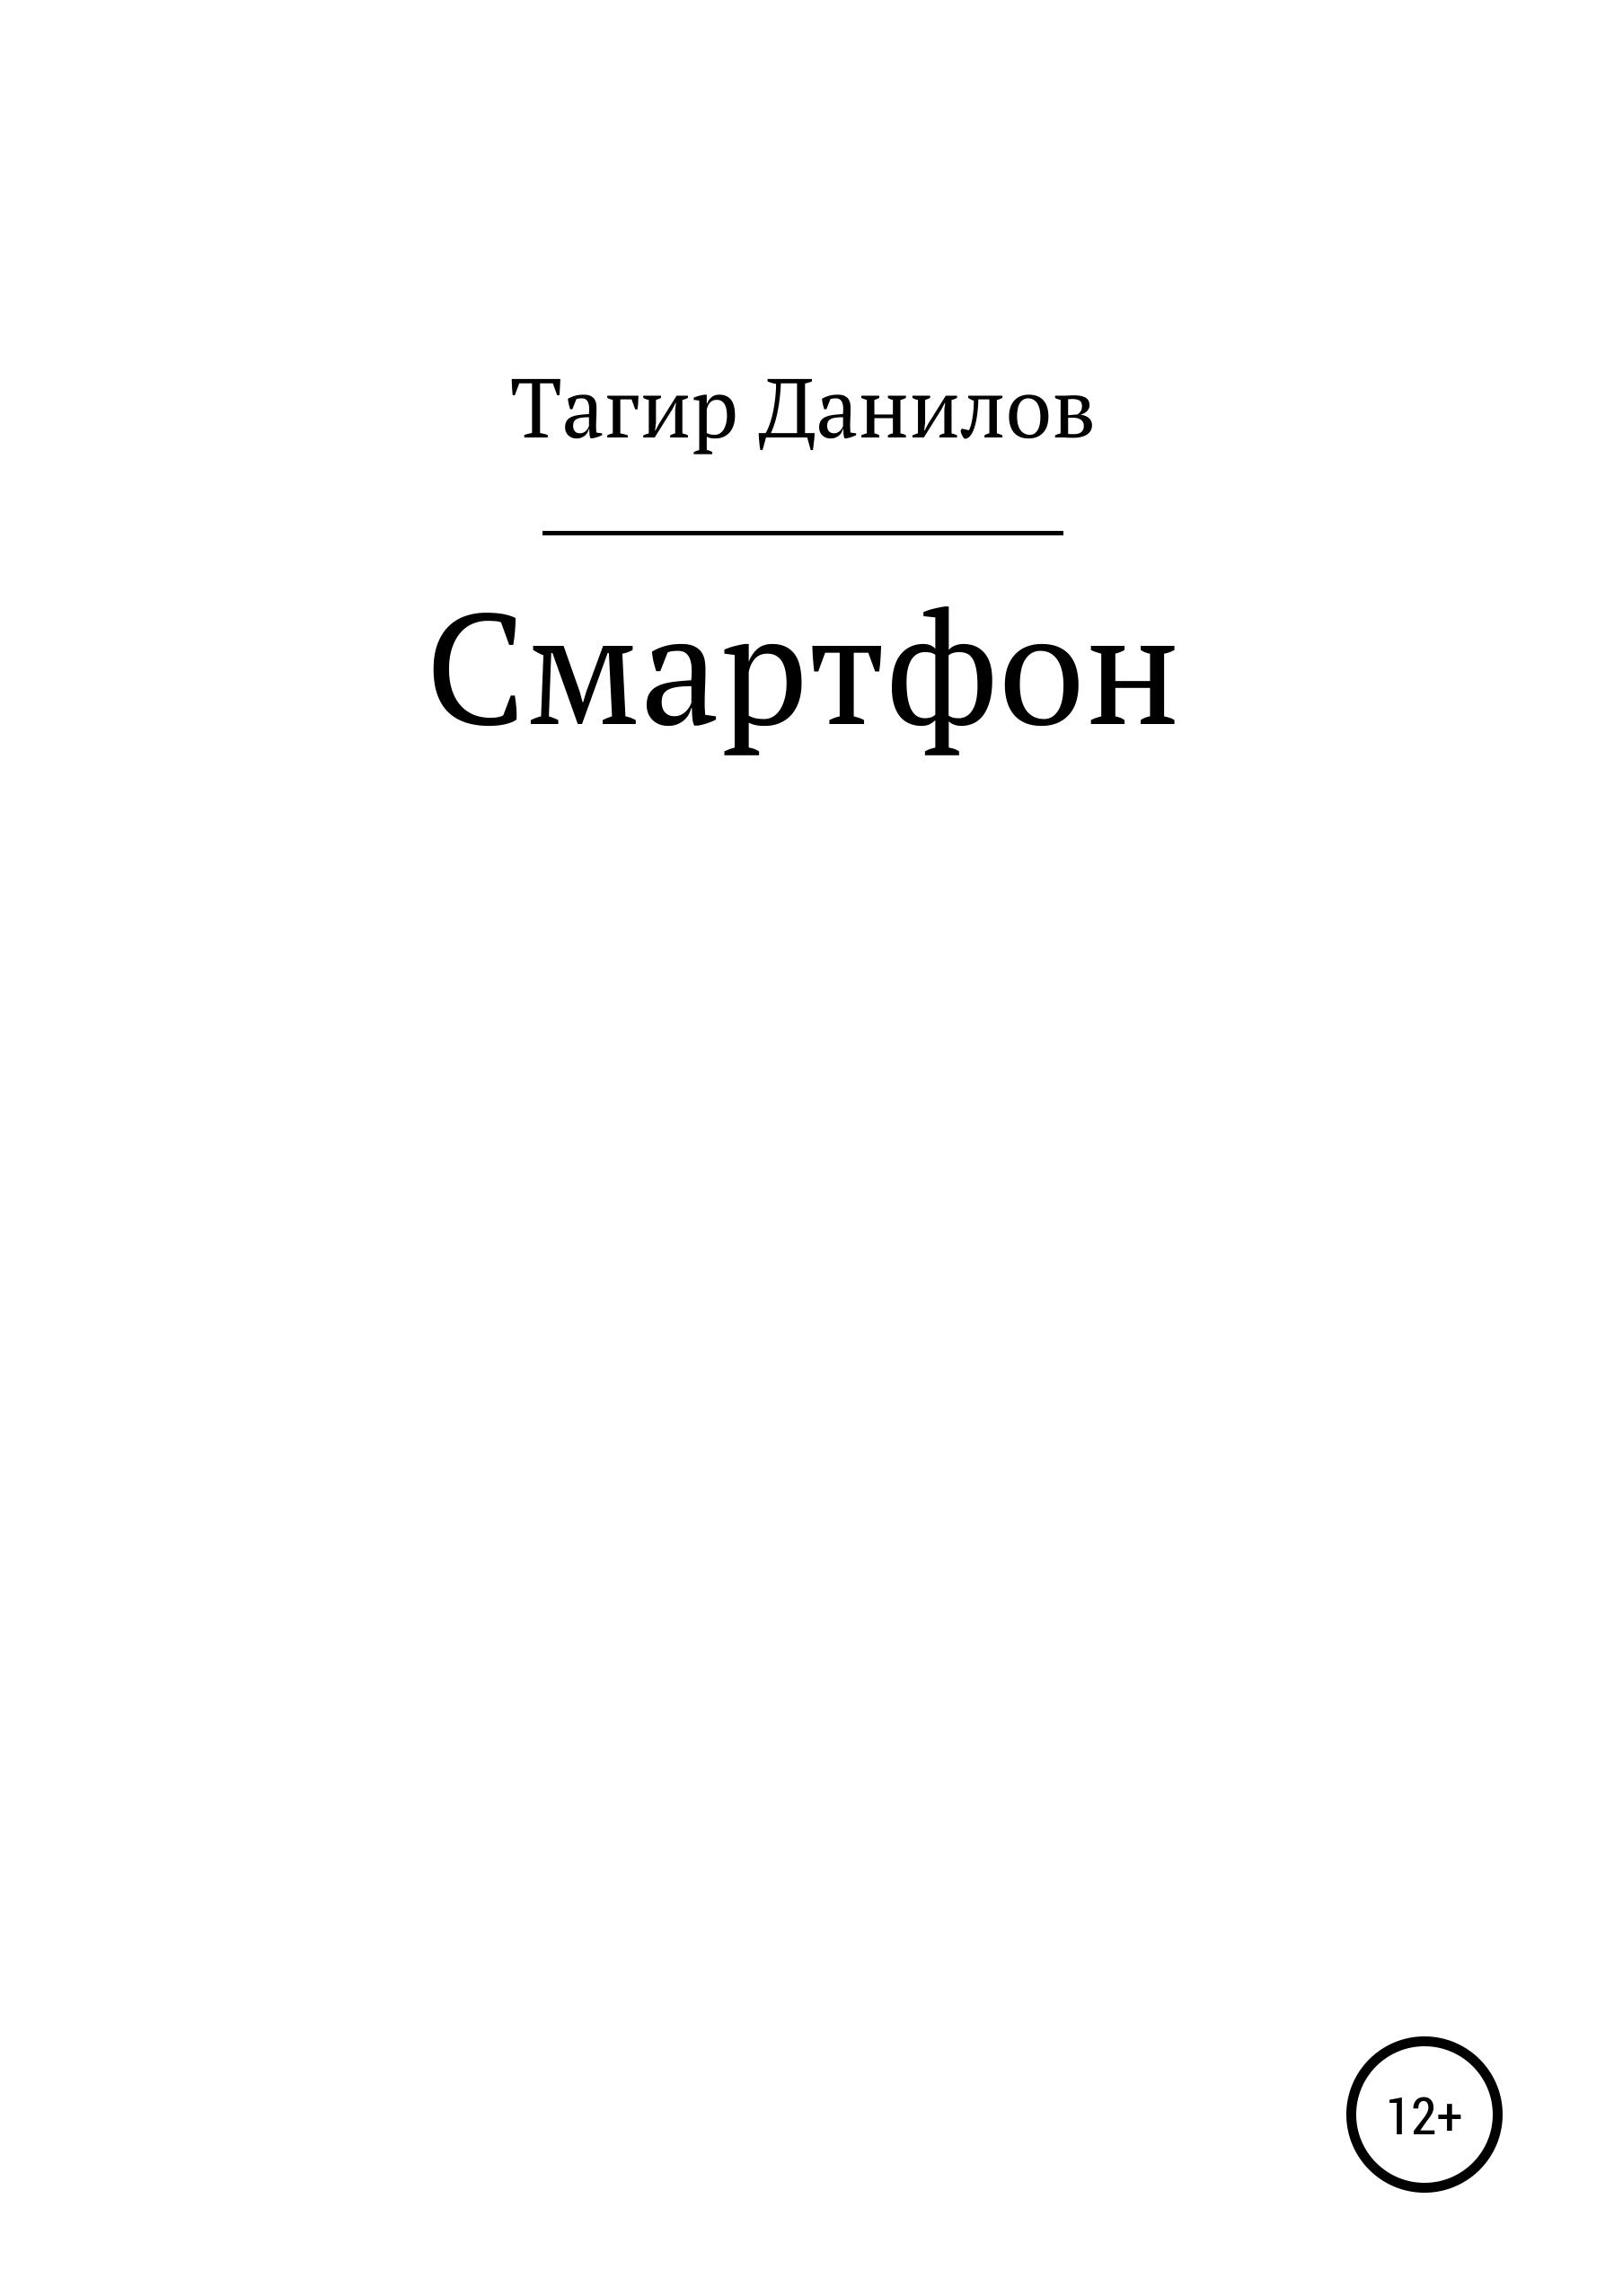 Купить книгу Смартфон, автора Тагира Даниловича Данилова